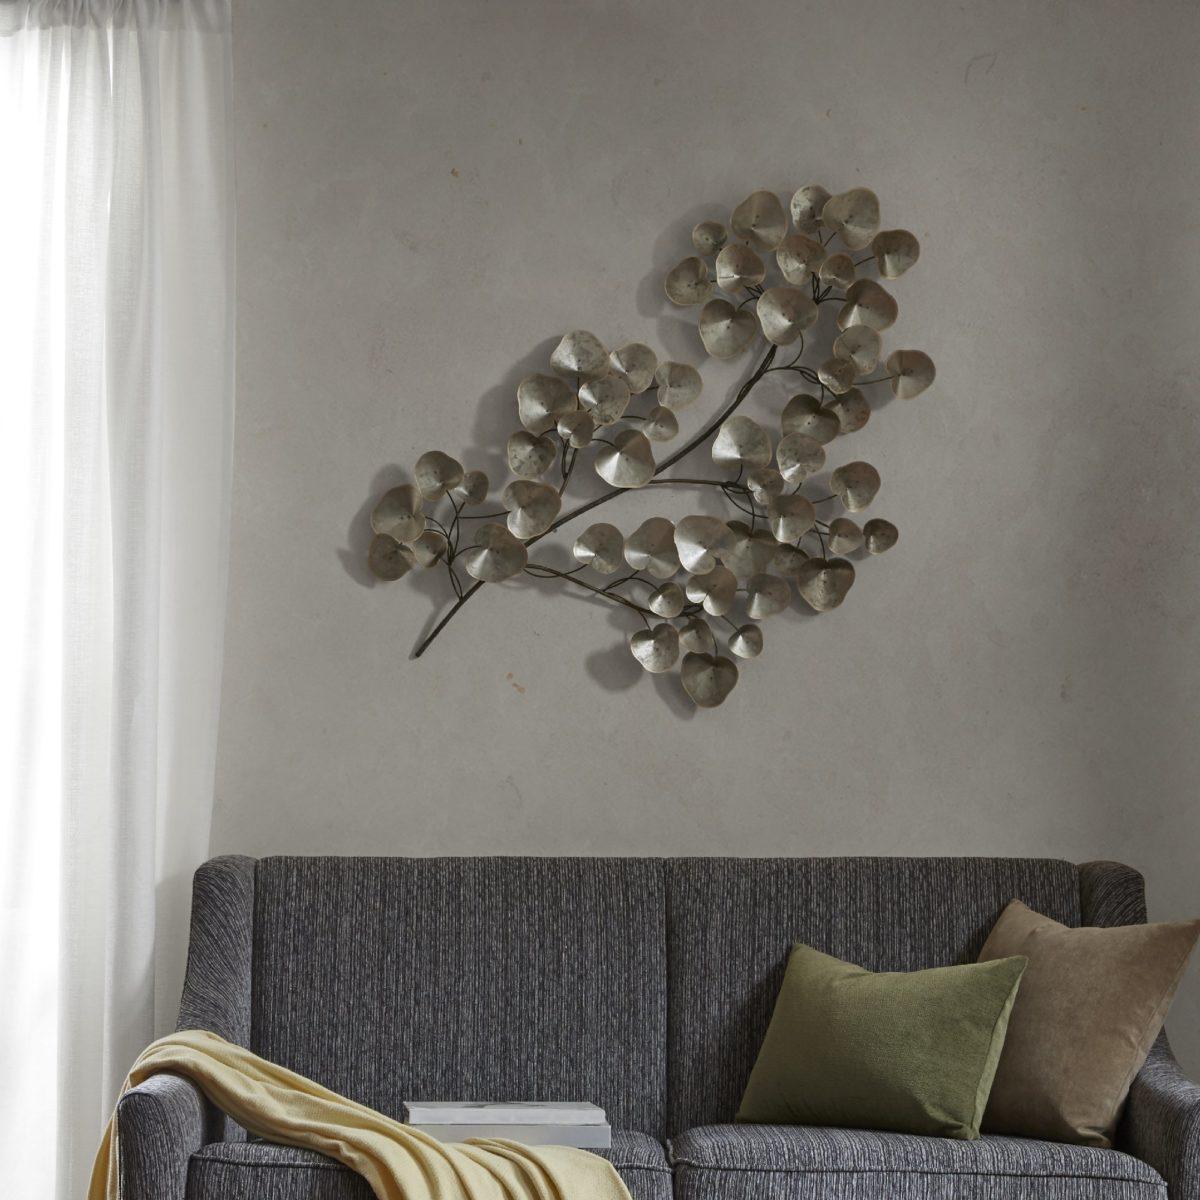 Disegni Sui Muri Di Casa colore argento come usarlo in casa